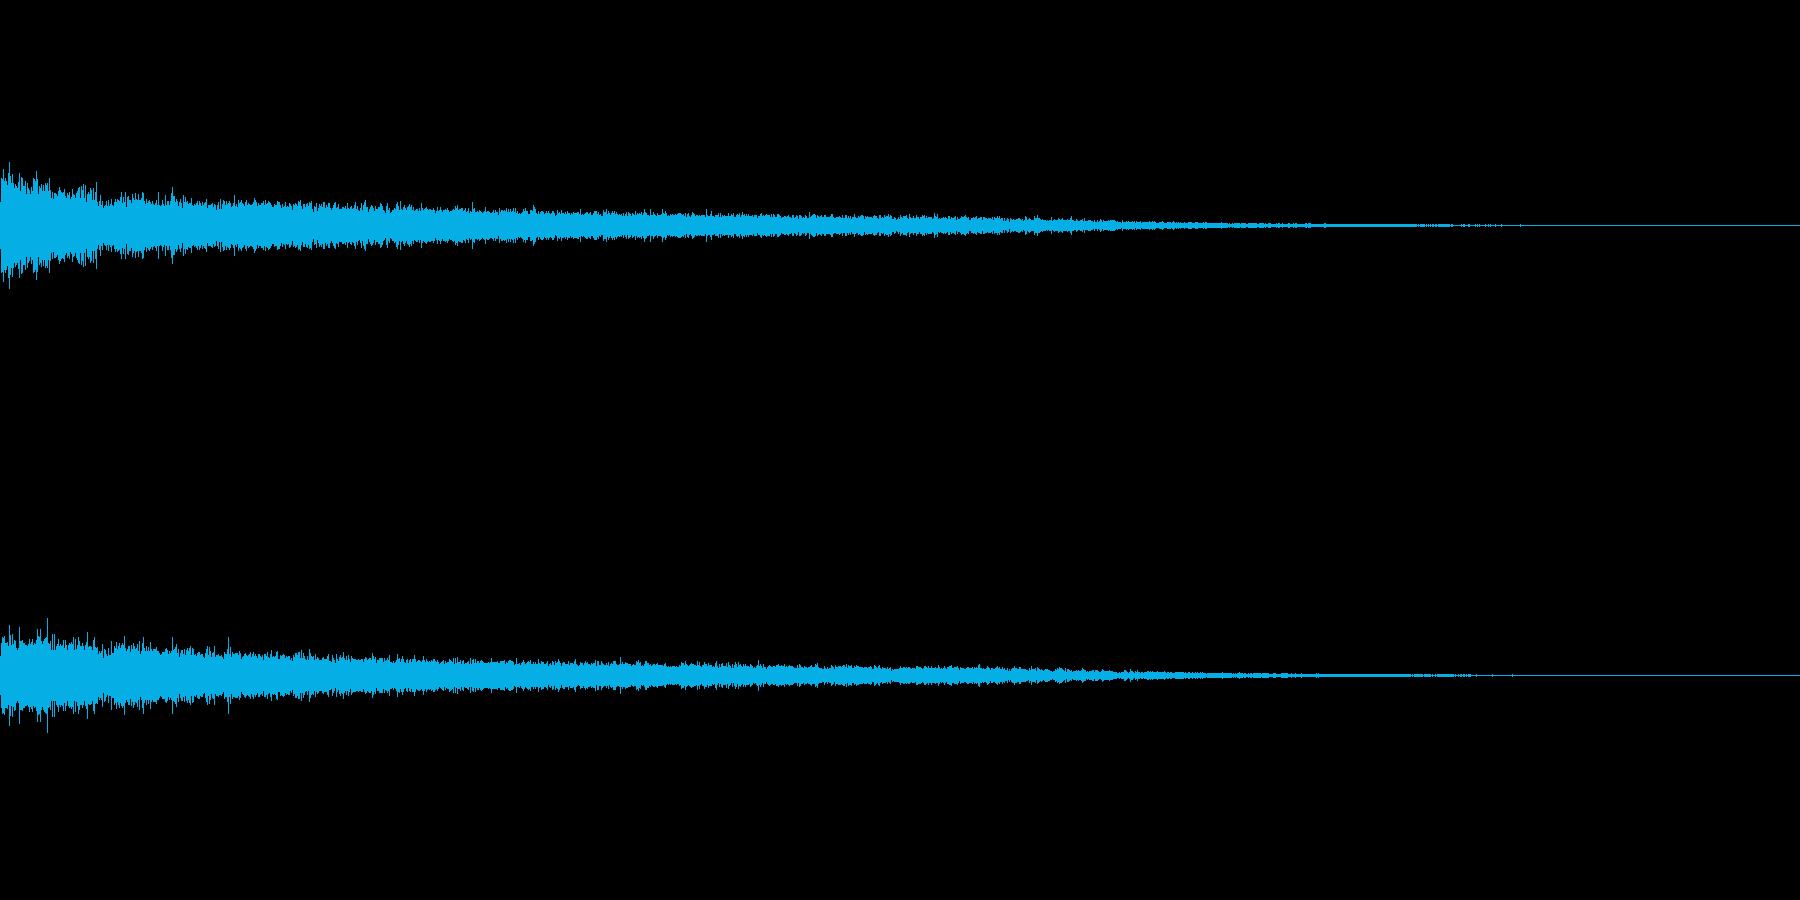 シュー(ワープ音)の再生済みの波形